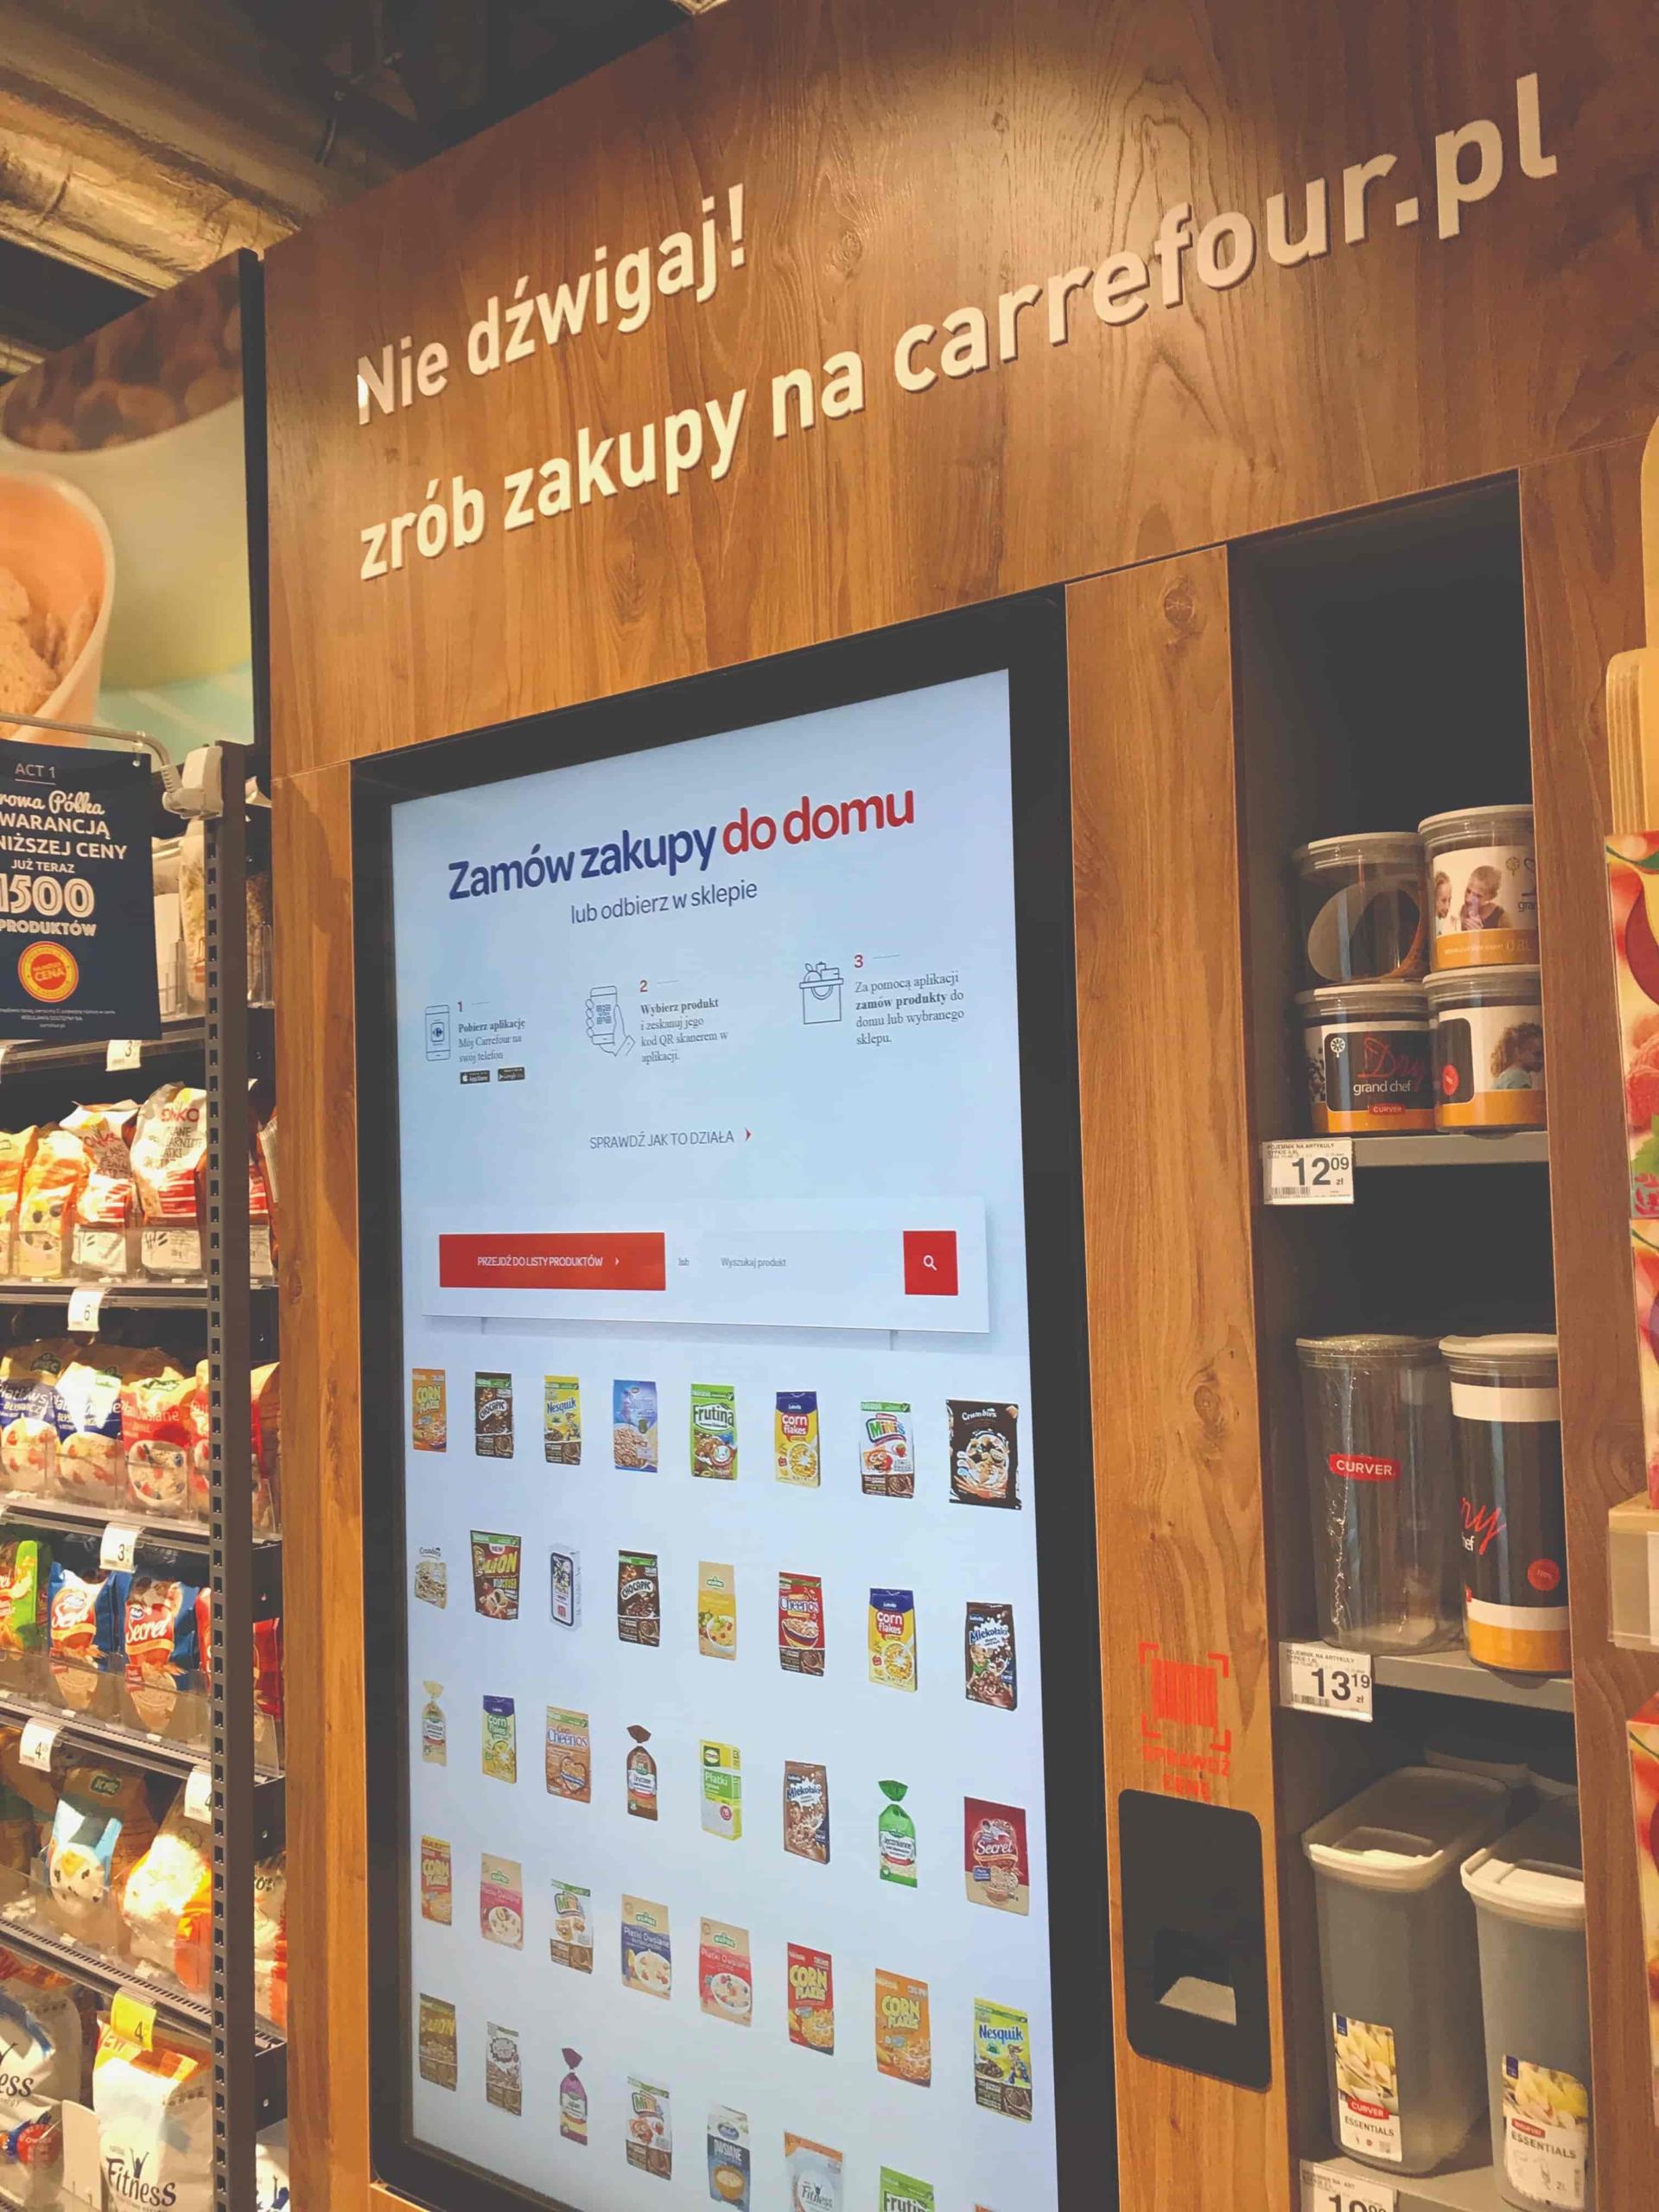 Ekran, który umożliwia zrobienie zakupów online w concept store Carrefour